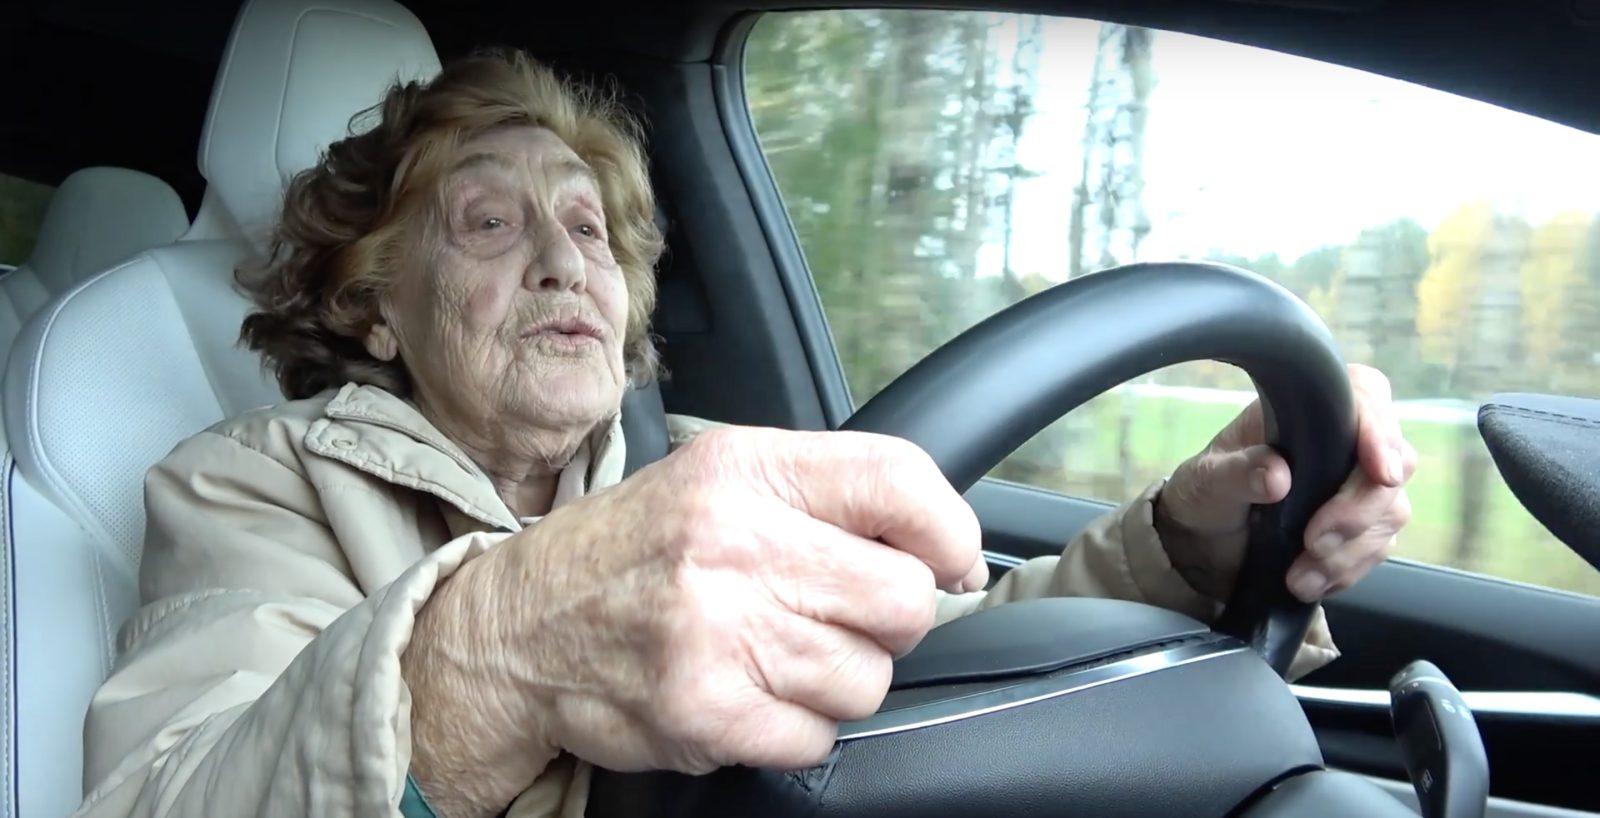 Starica iz Moskviča u Tesla Modelu X